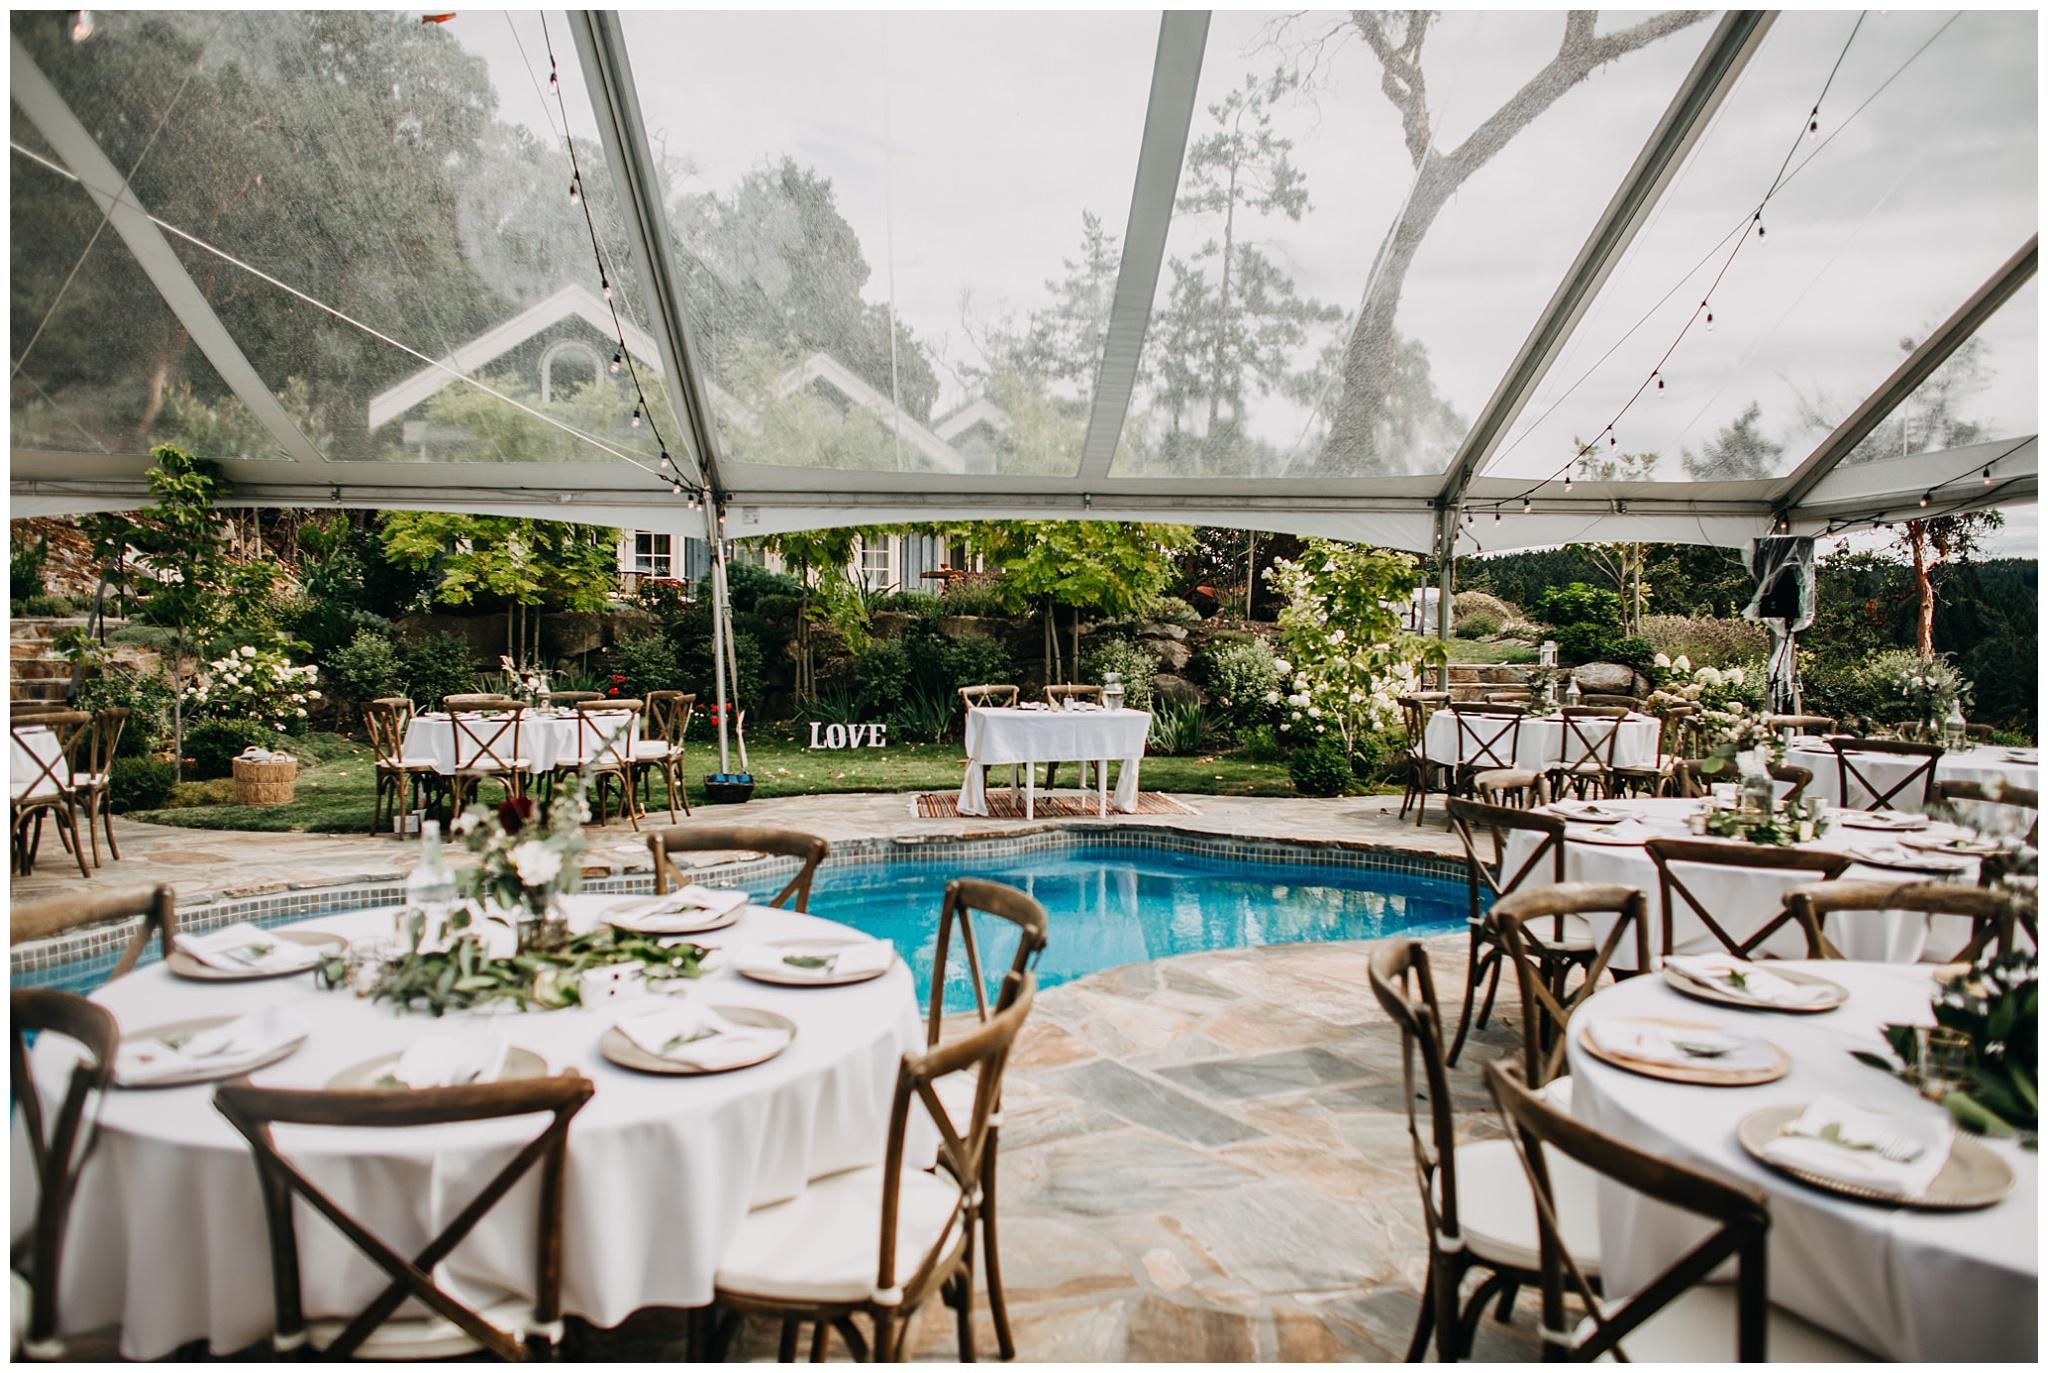 intimate mayne island backyard wedding reception decor by pool